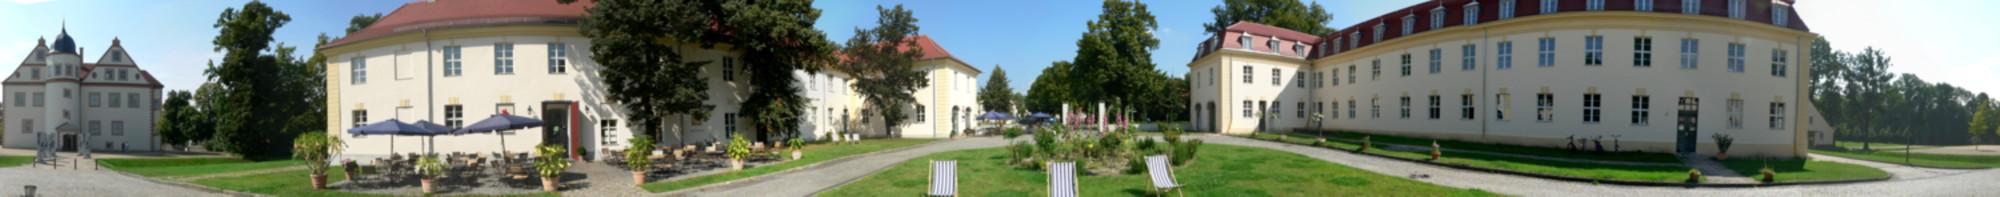 Jagdschloss Königs Wusterhausen